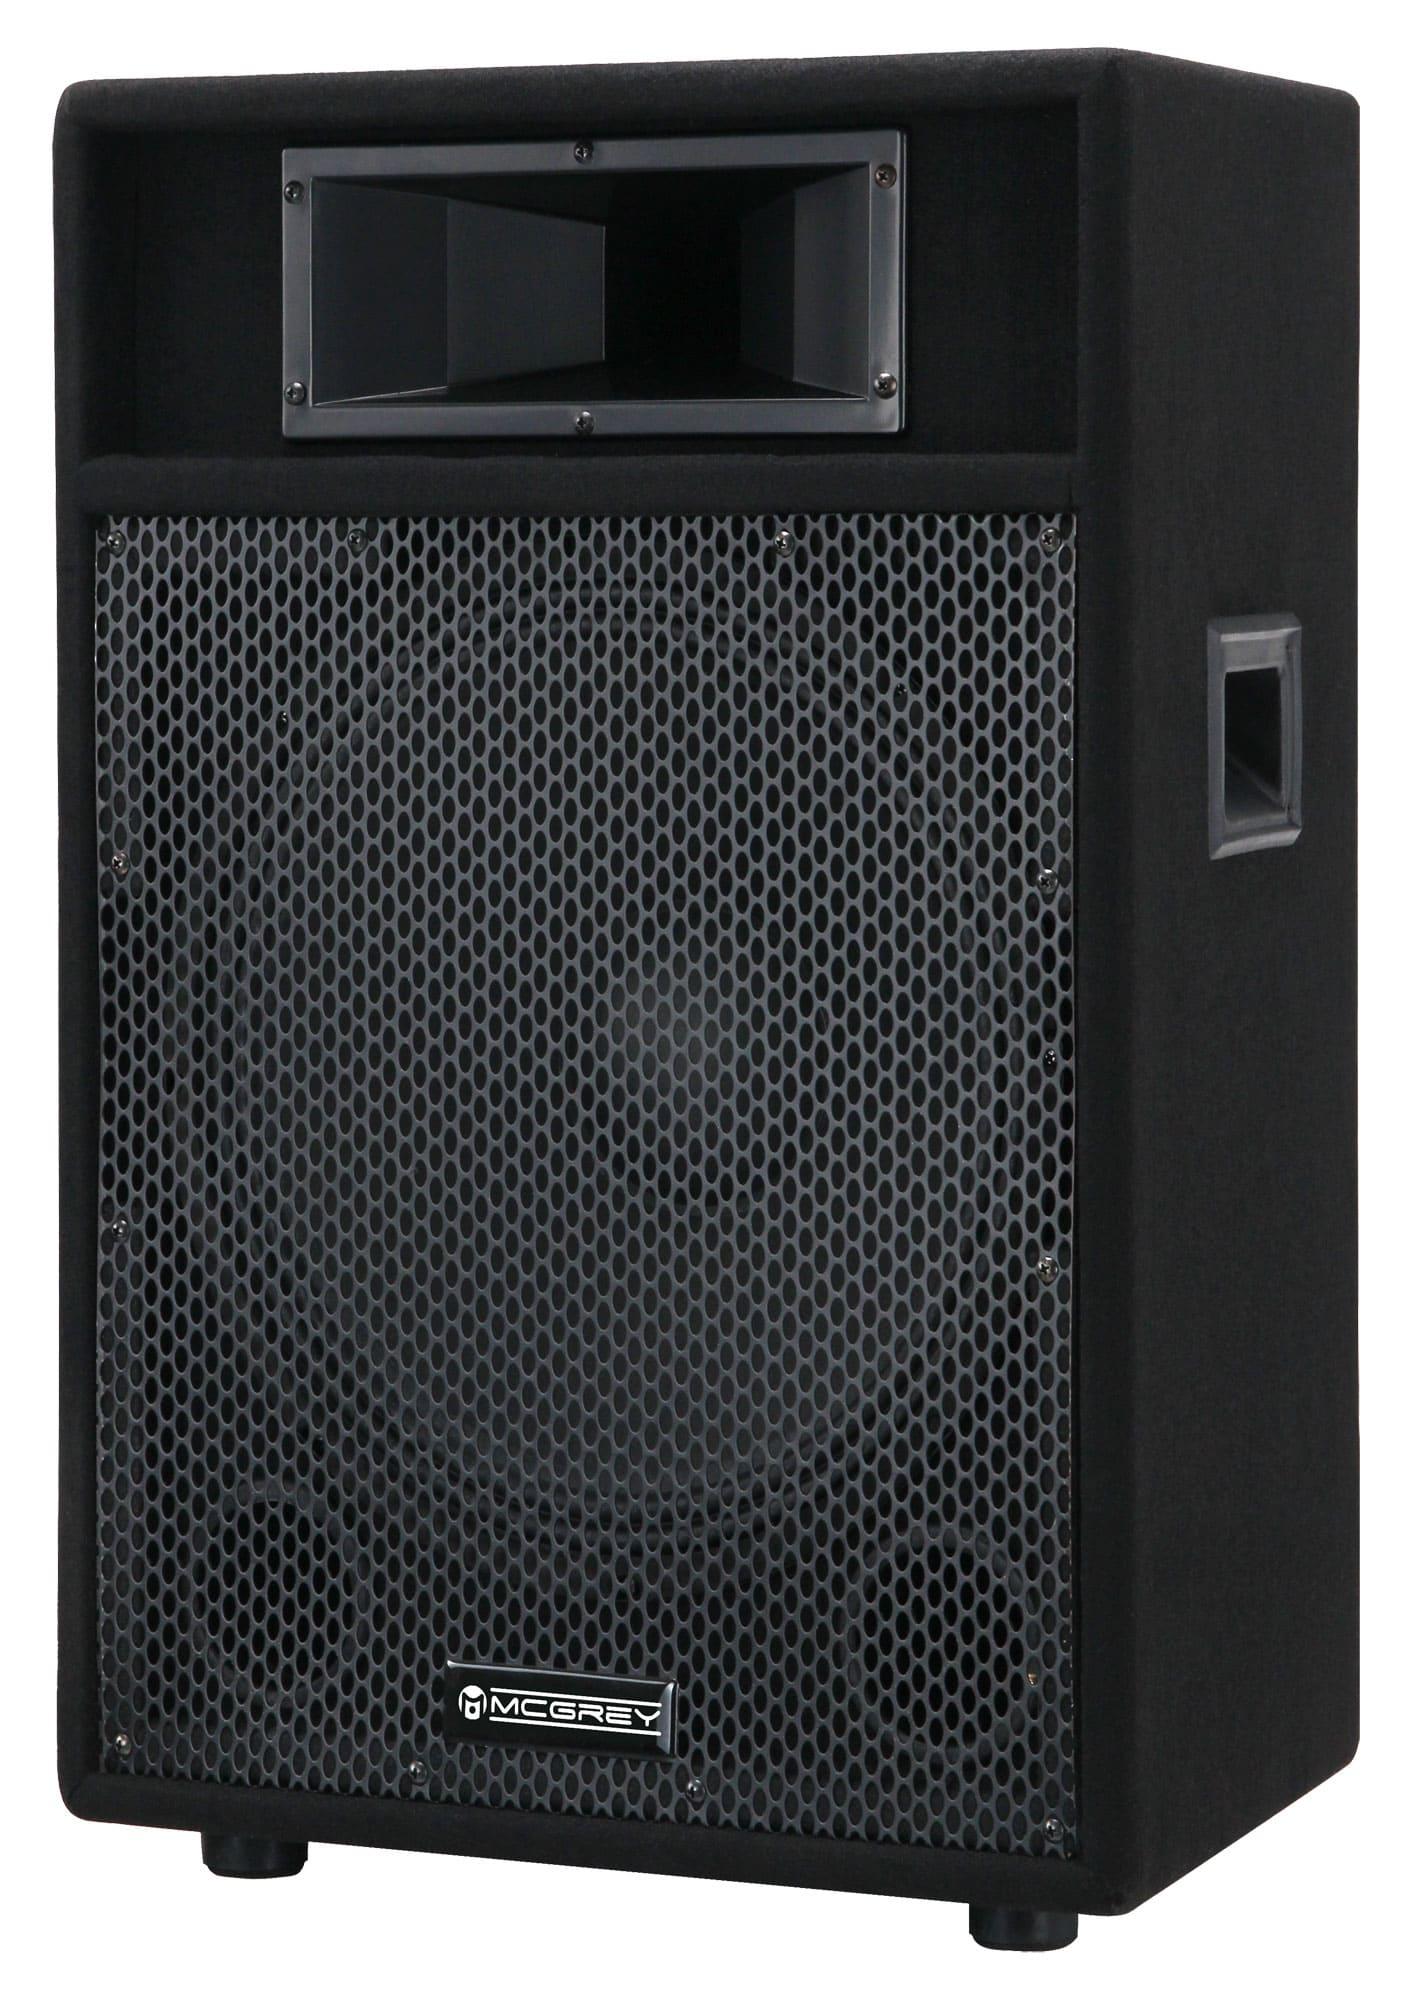 McGrey PA 115 passive PA Lautsprecher Box 400 Watt Retoure (Zustand akzeptabel)